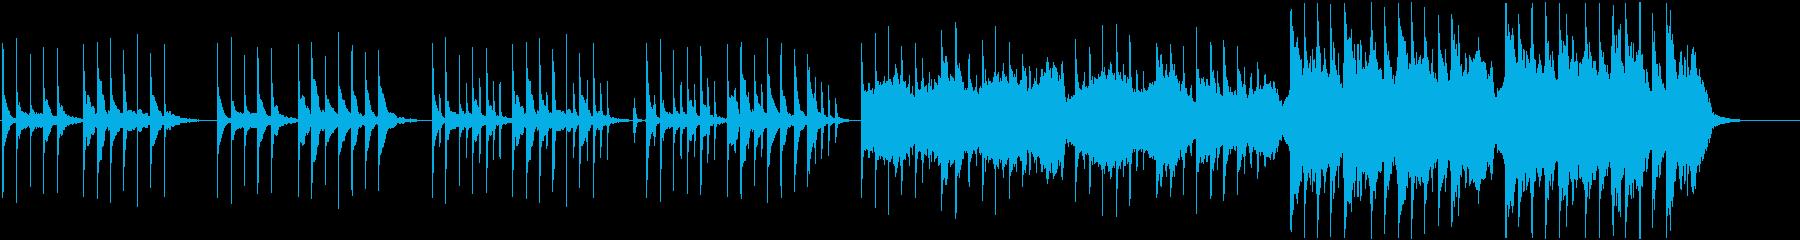 魔女の家/ホラー/毒薬/ハロウィン/怖いの再生済みの波形